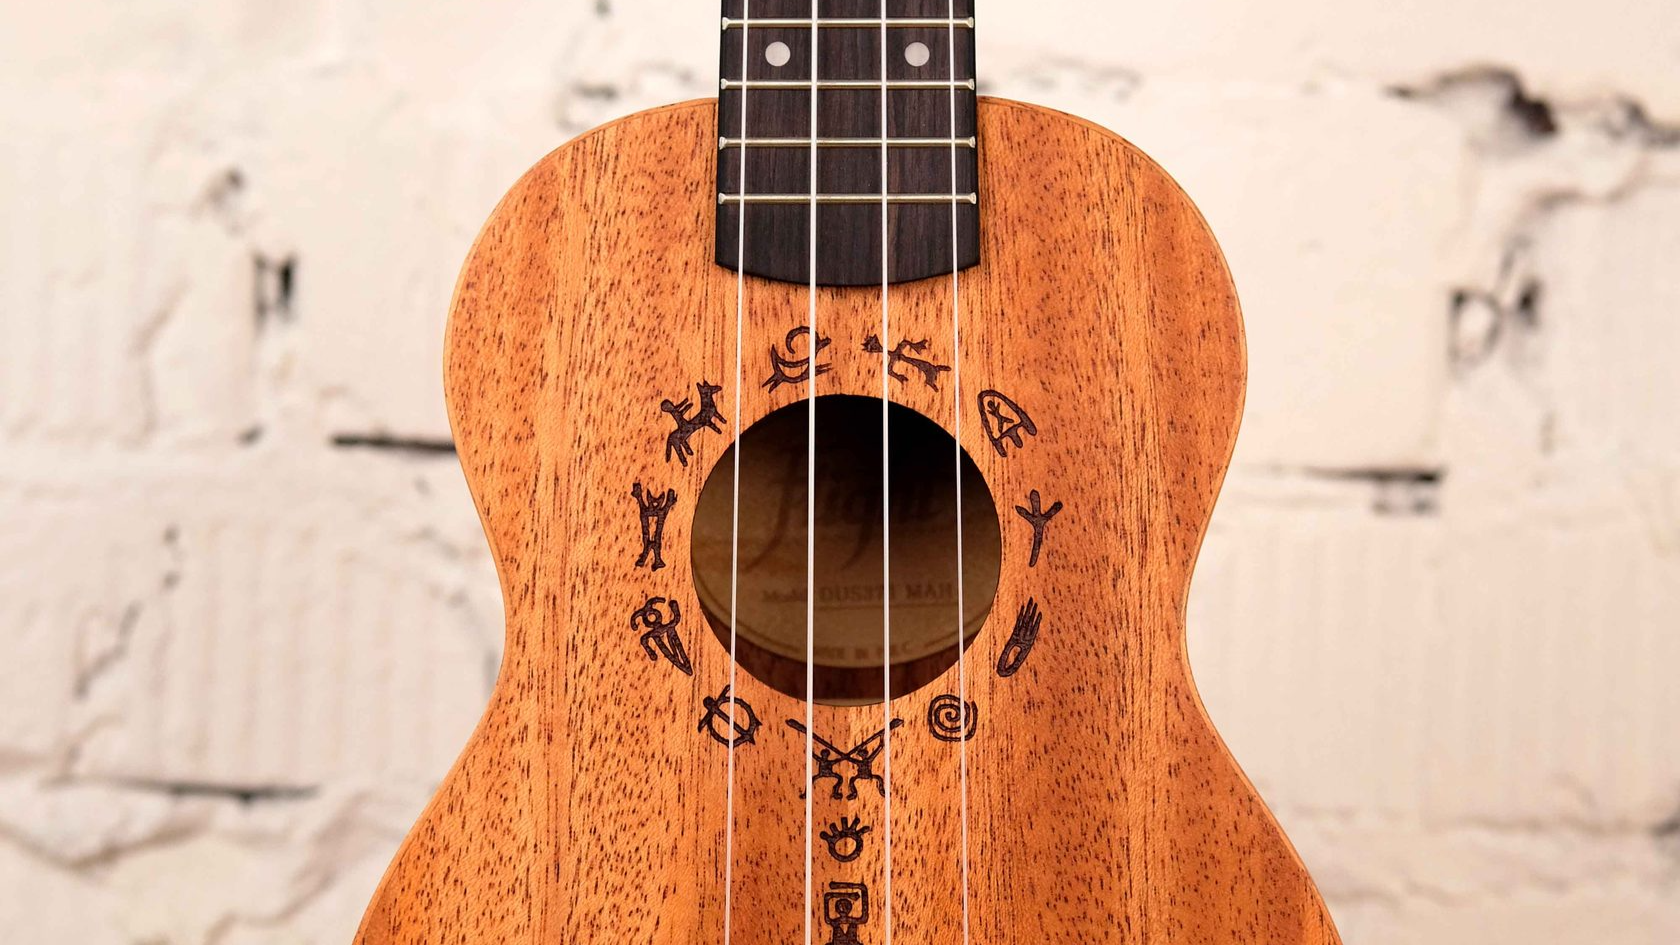 купить укулеле сопрано Flight с фирменным чехлом в комплекте в магазине укулеле Ukelovers, ukulele soprano, укулела